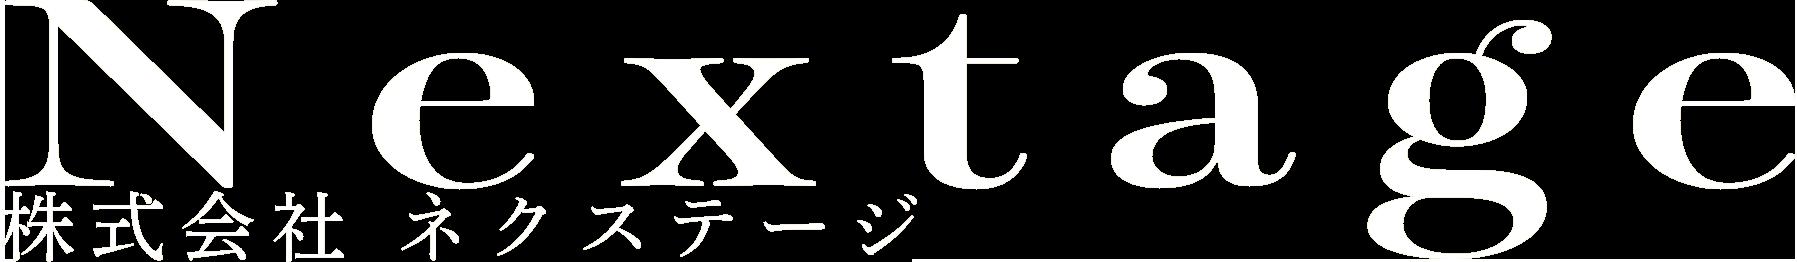 株式会社ネクステージ